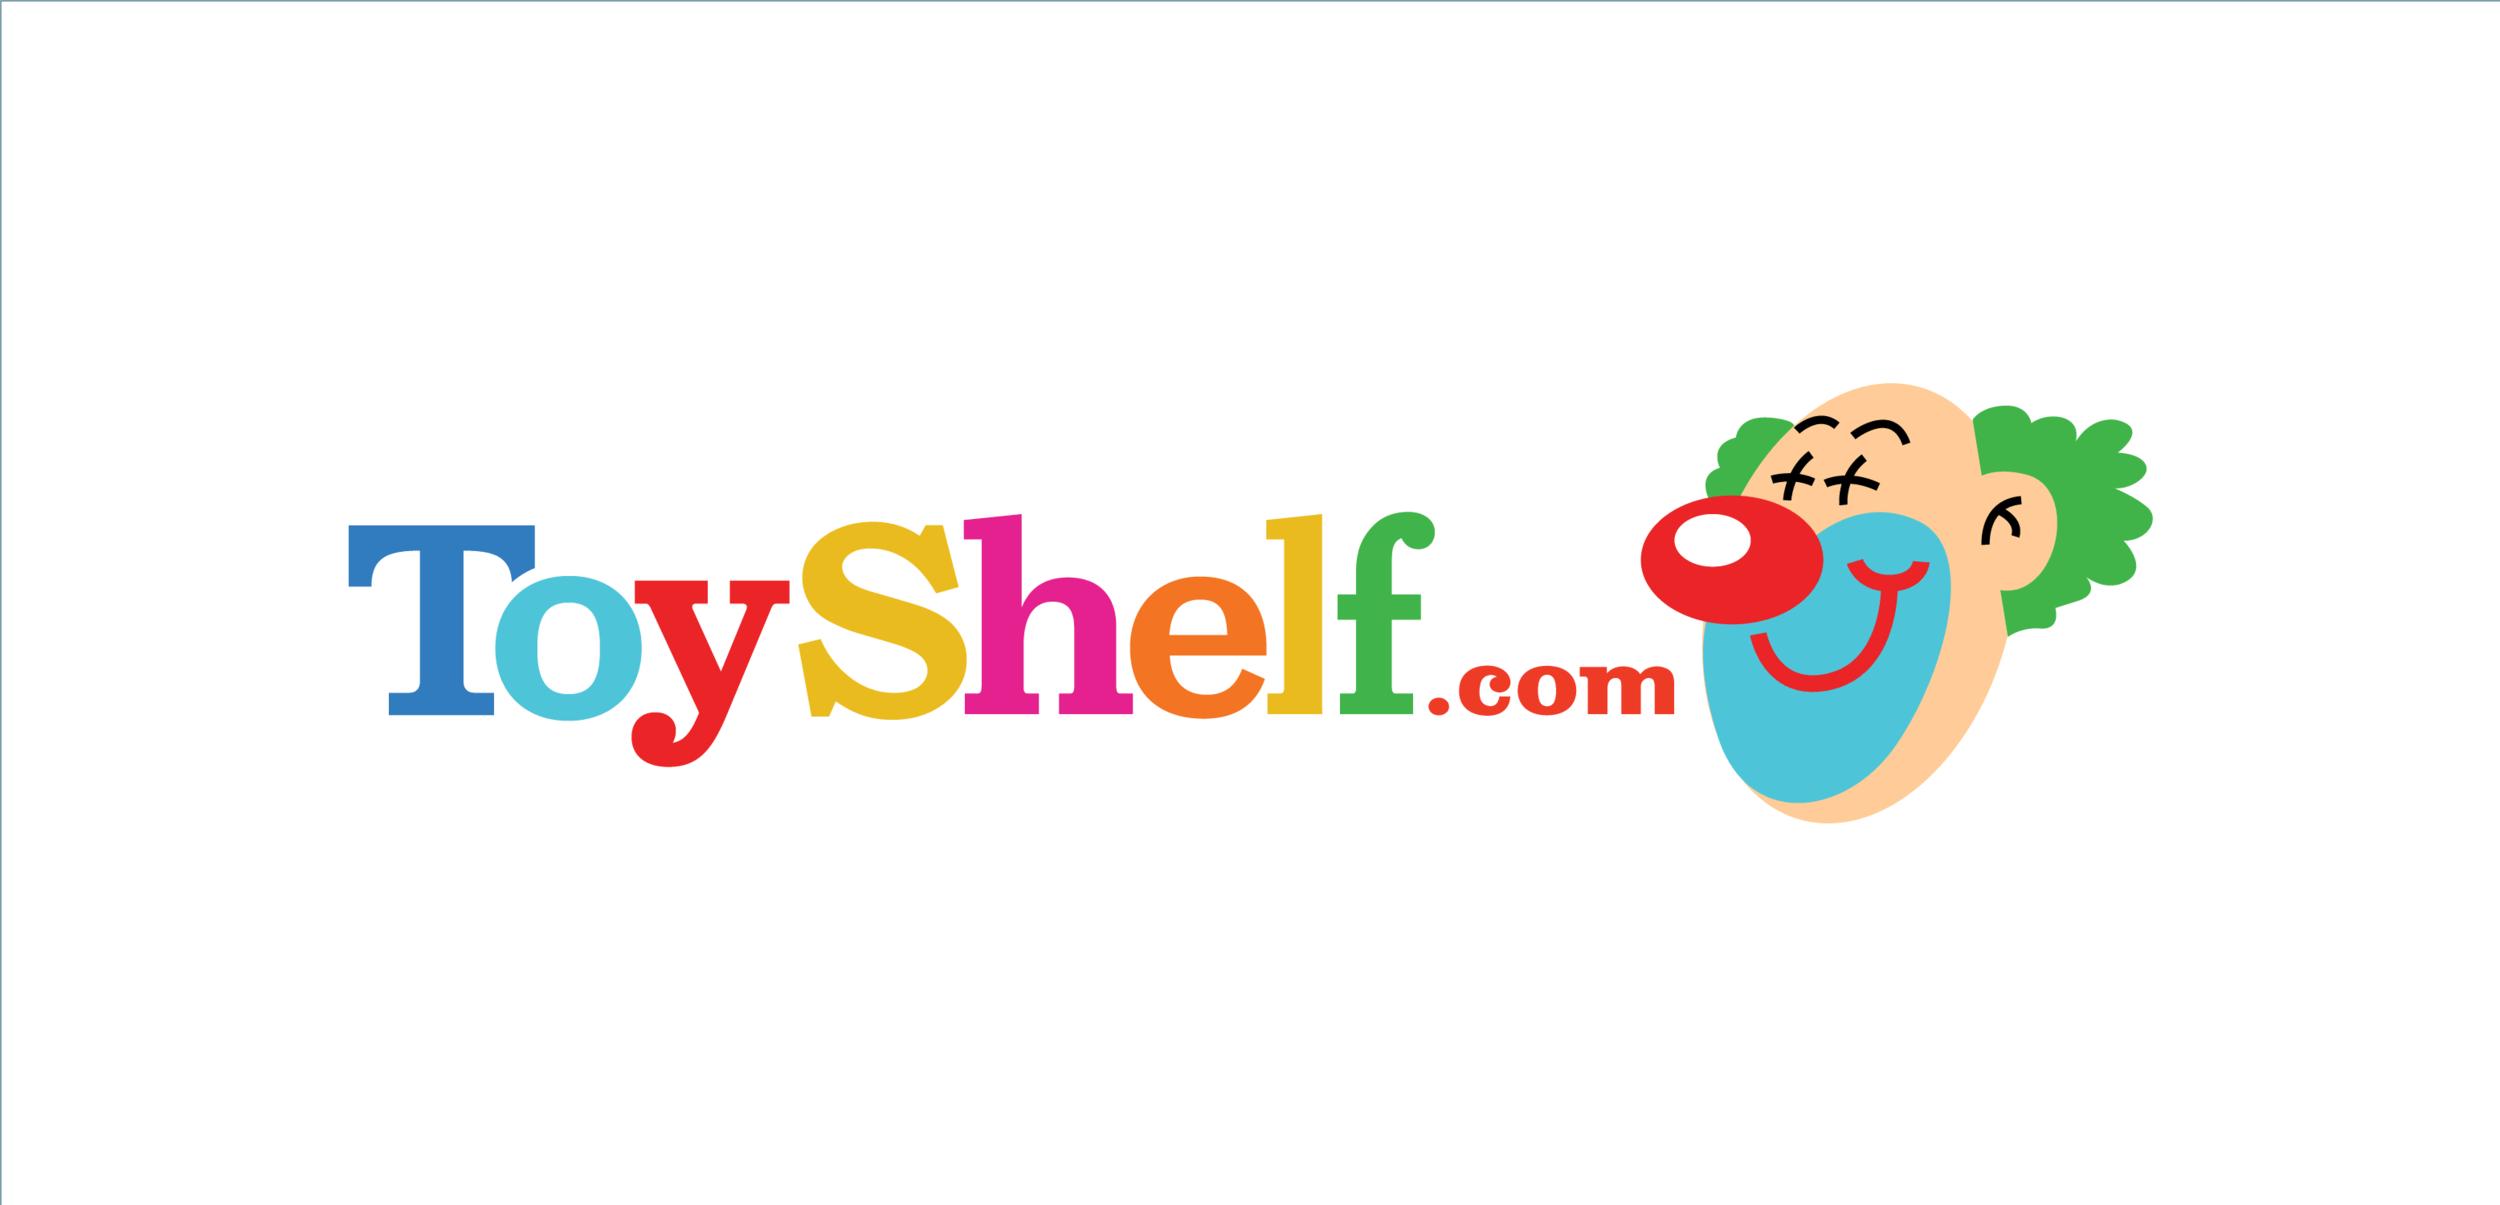 logos-wide-toyshelf-1.png